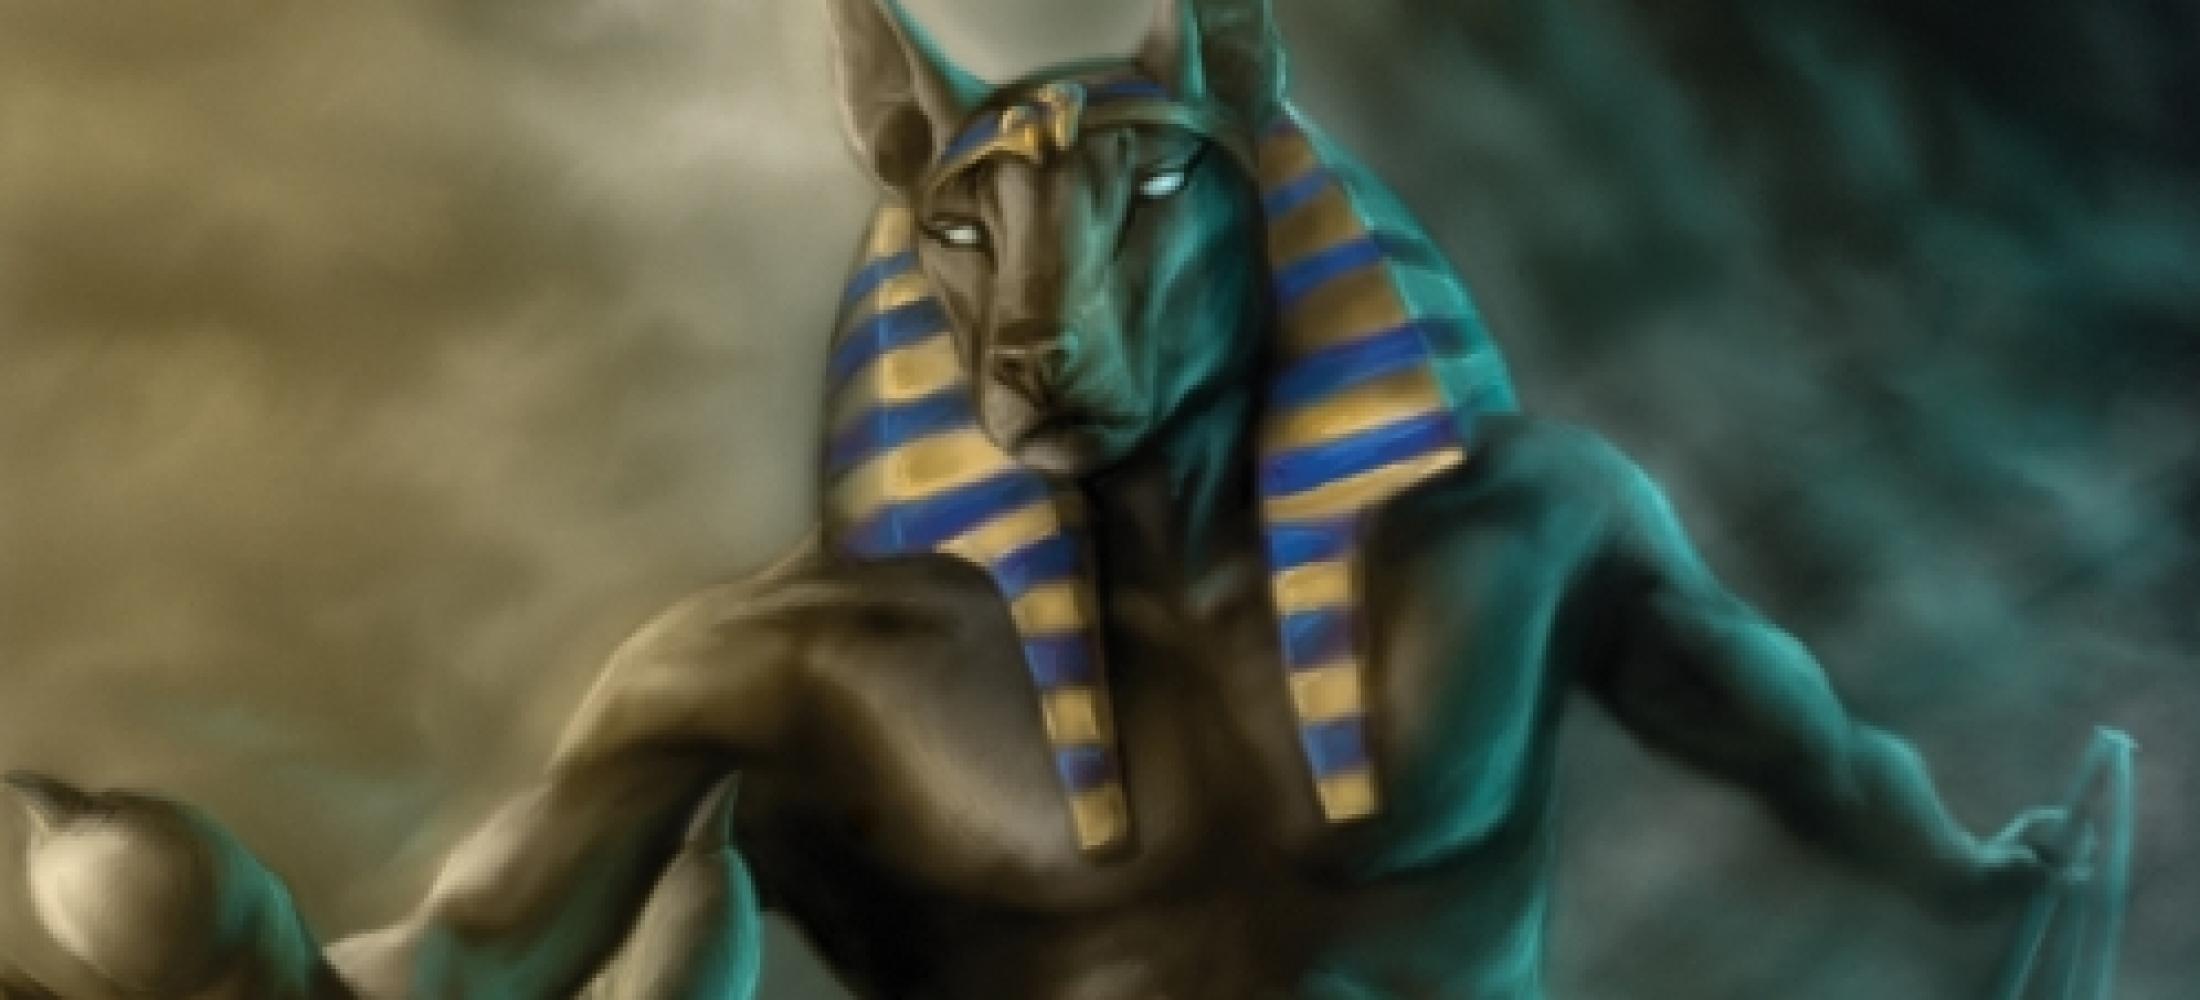 Анубис, бог Анубис, канал бога Анубиса (посвящение, инициация)